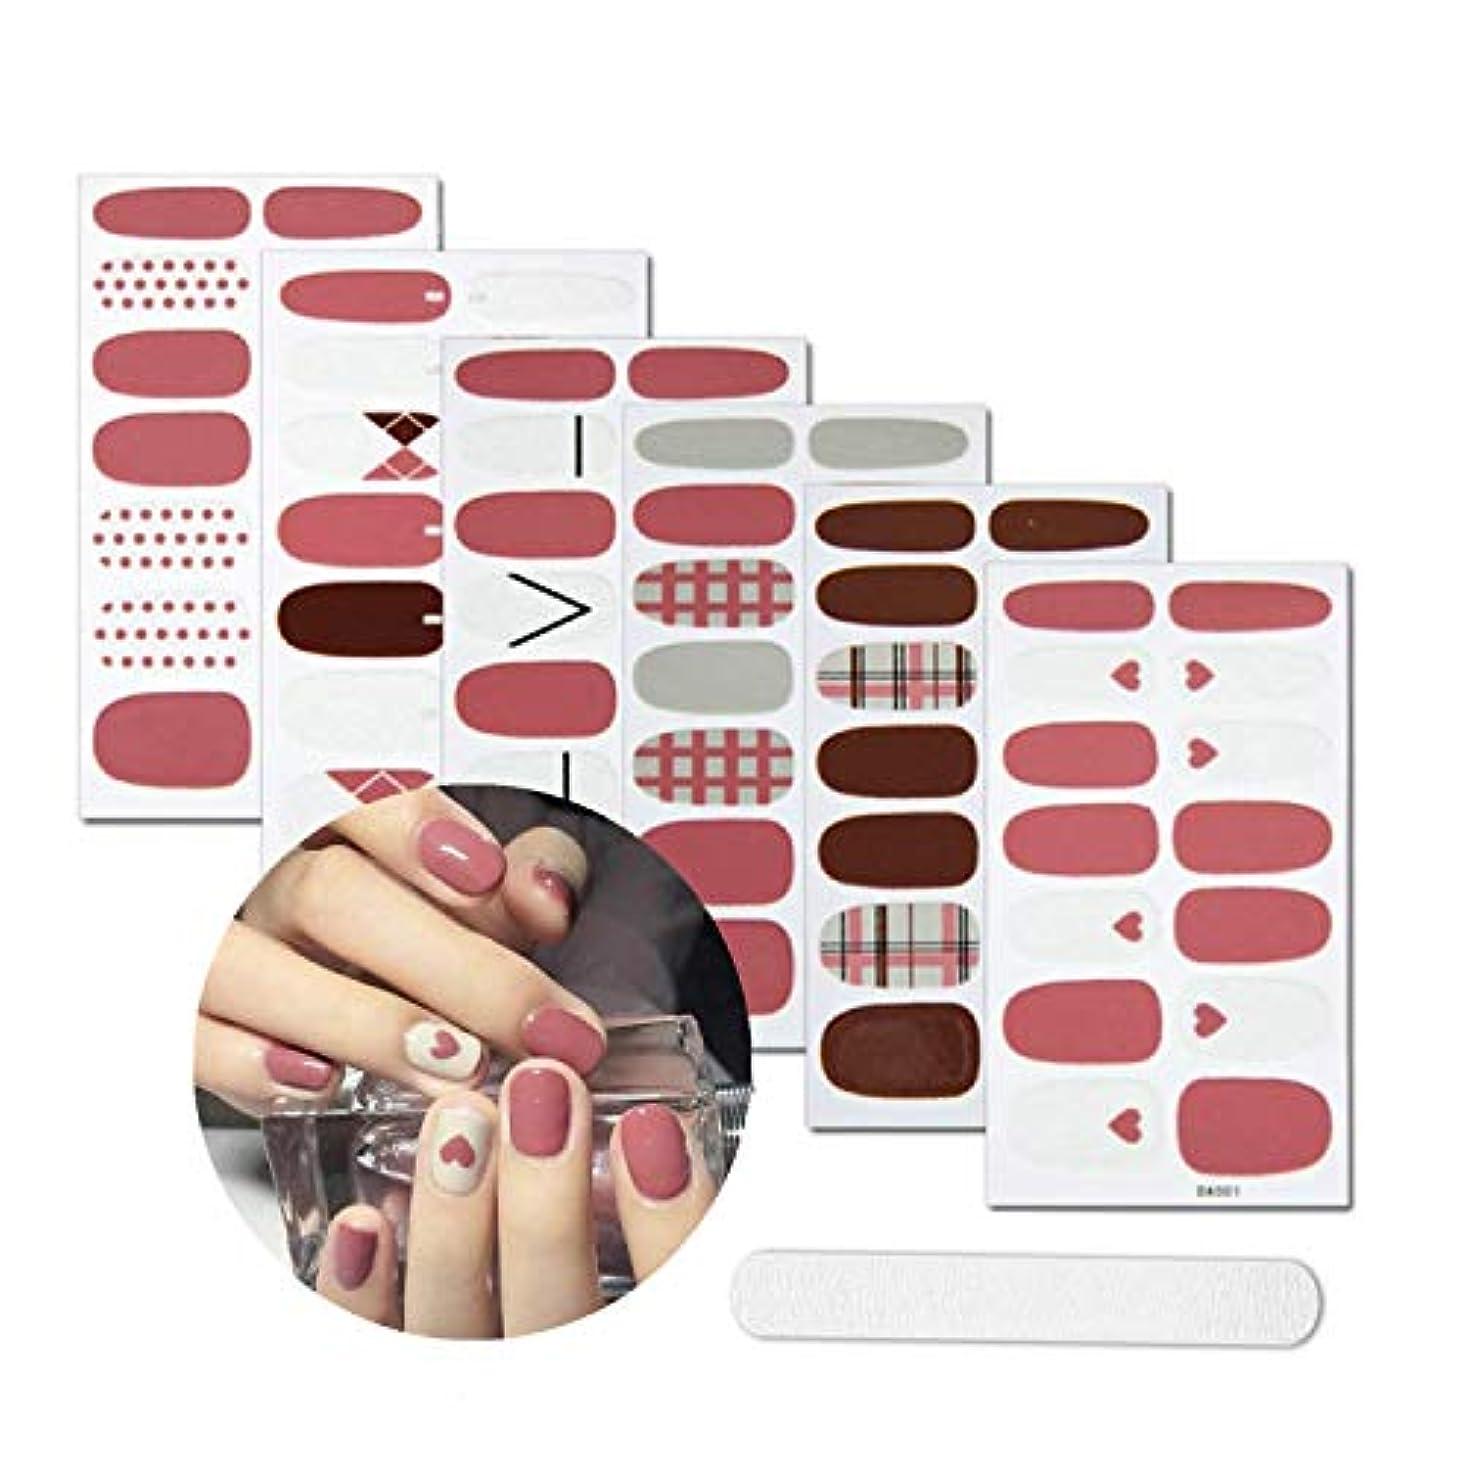 独占脆い解放ネイルシール 貼るだけマニキュア 6枚セット ネイルアート ネイルステッカー ネイルアクセサリー女性 簡単 レディースプレゼント ギフト可愛い 人気 おしゃれ上級 爪やすり1本付き